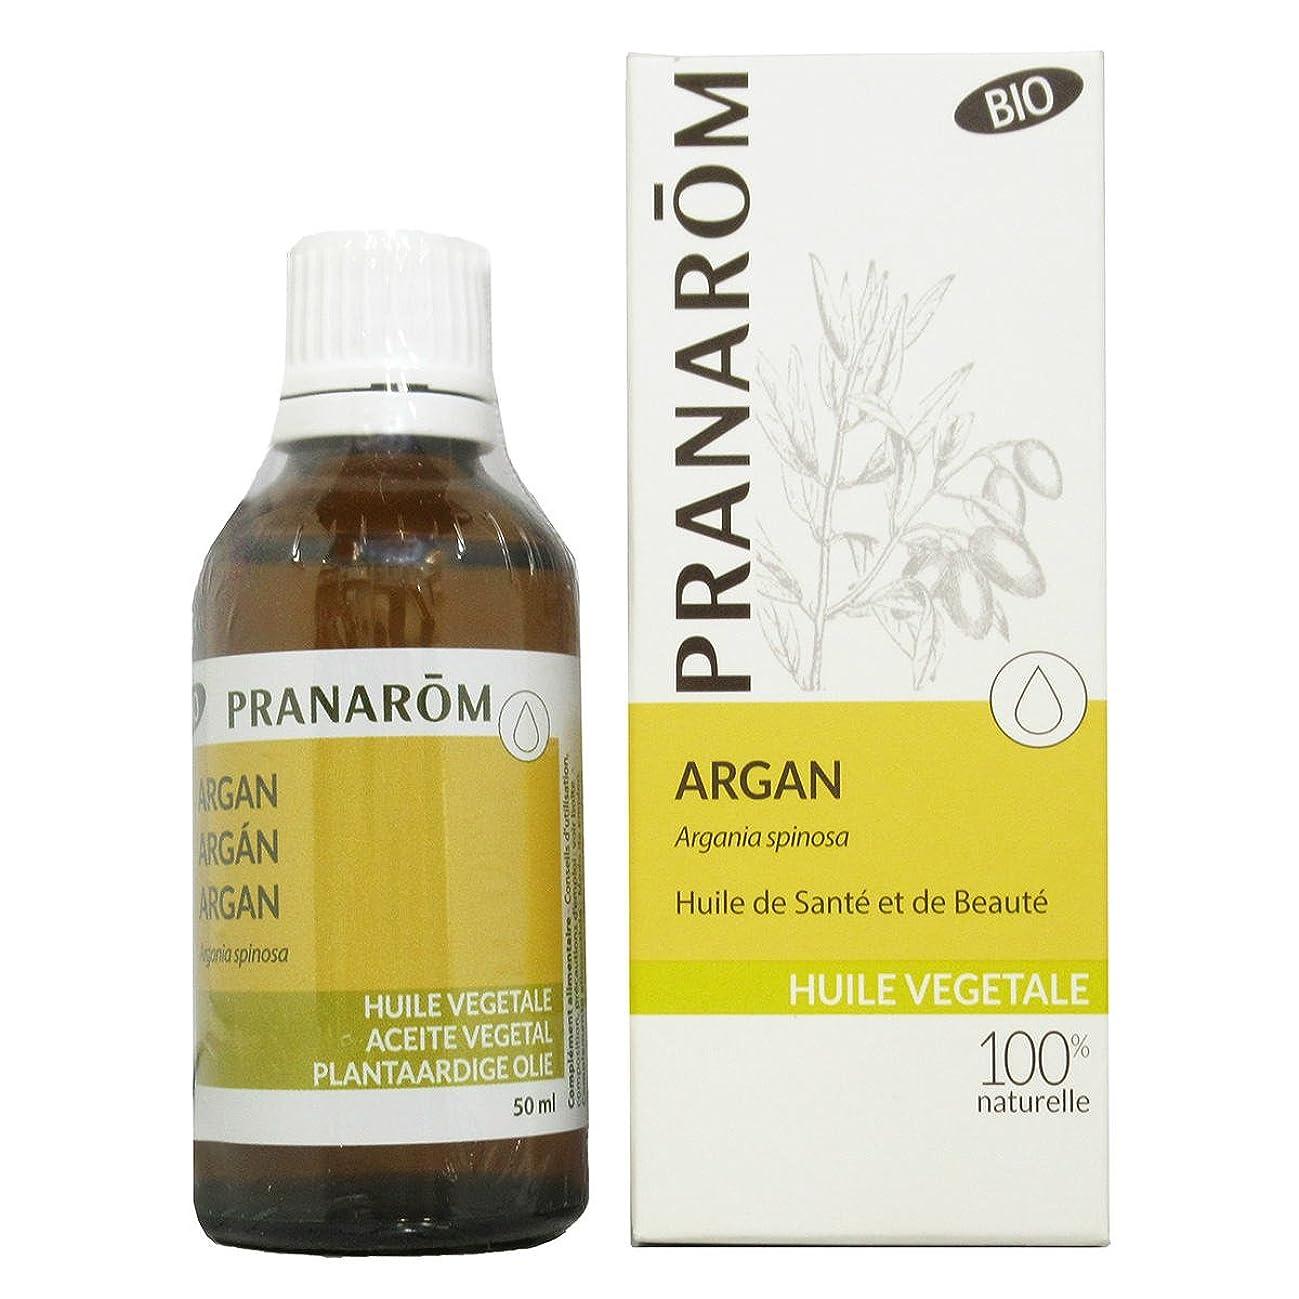 絞る破産小さなプラナロム アルガンオイル 50ml (PRANAROM 植物油)